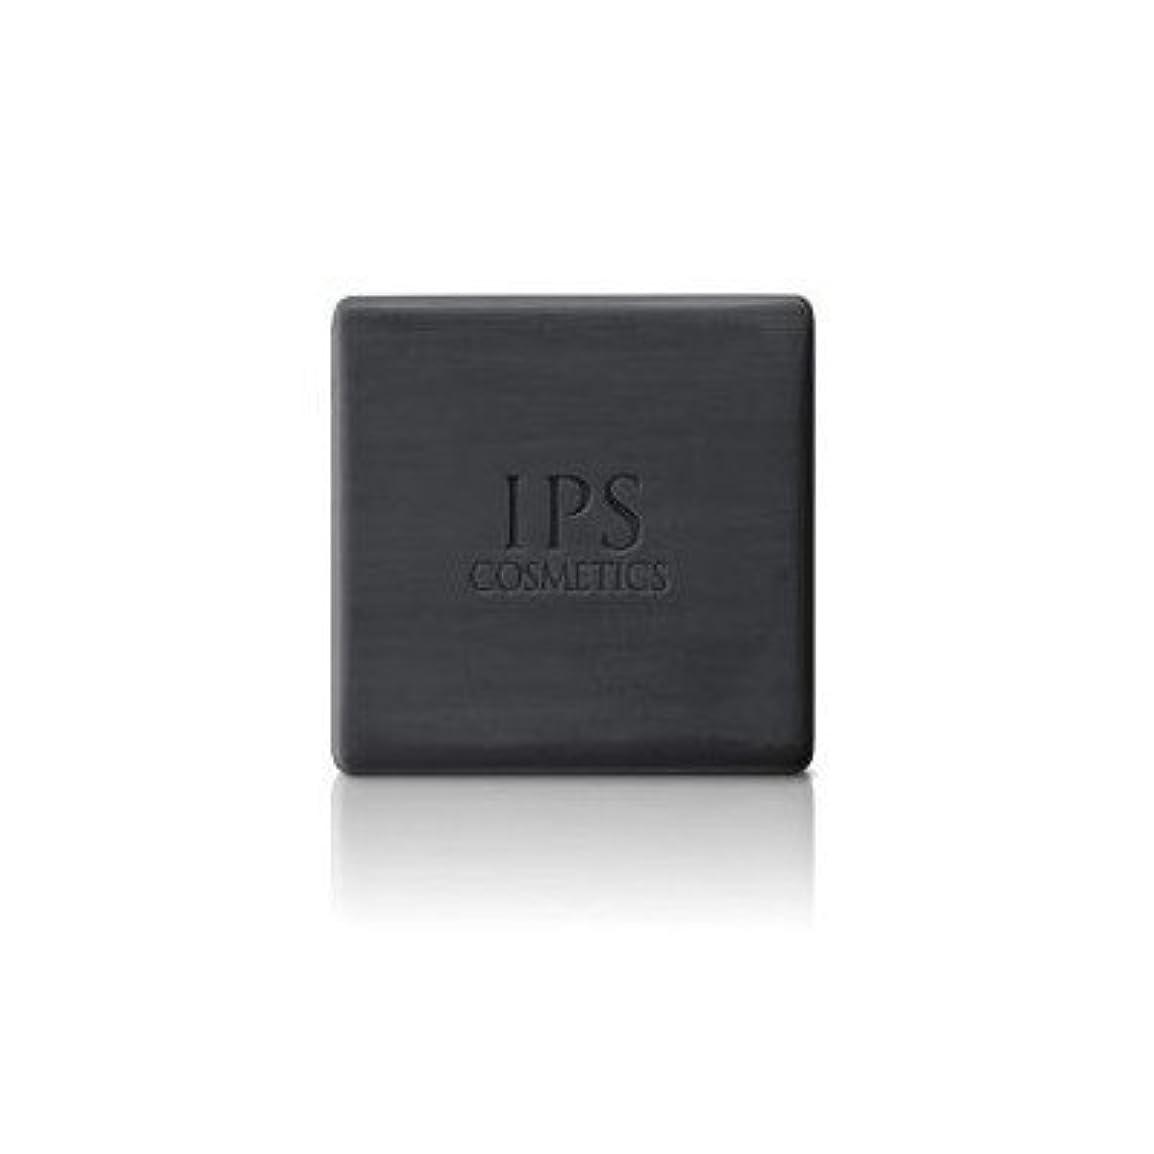 説明的ウィンク贈り物IPS コンディショニングバー 洗顔石鹸 120g